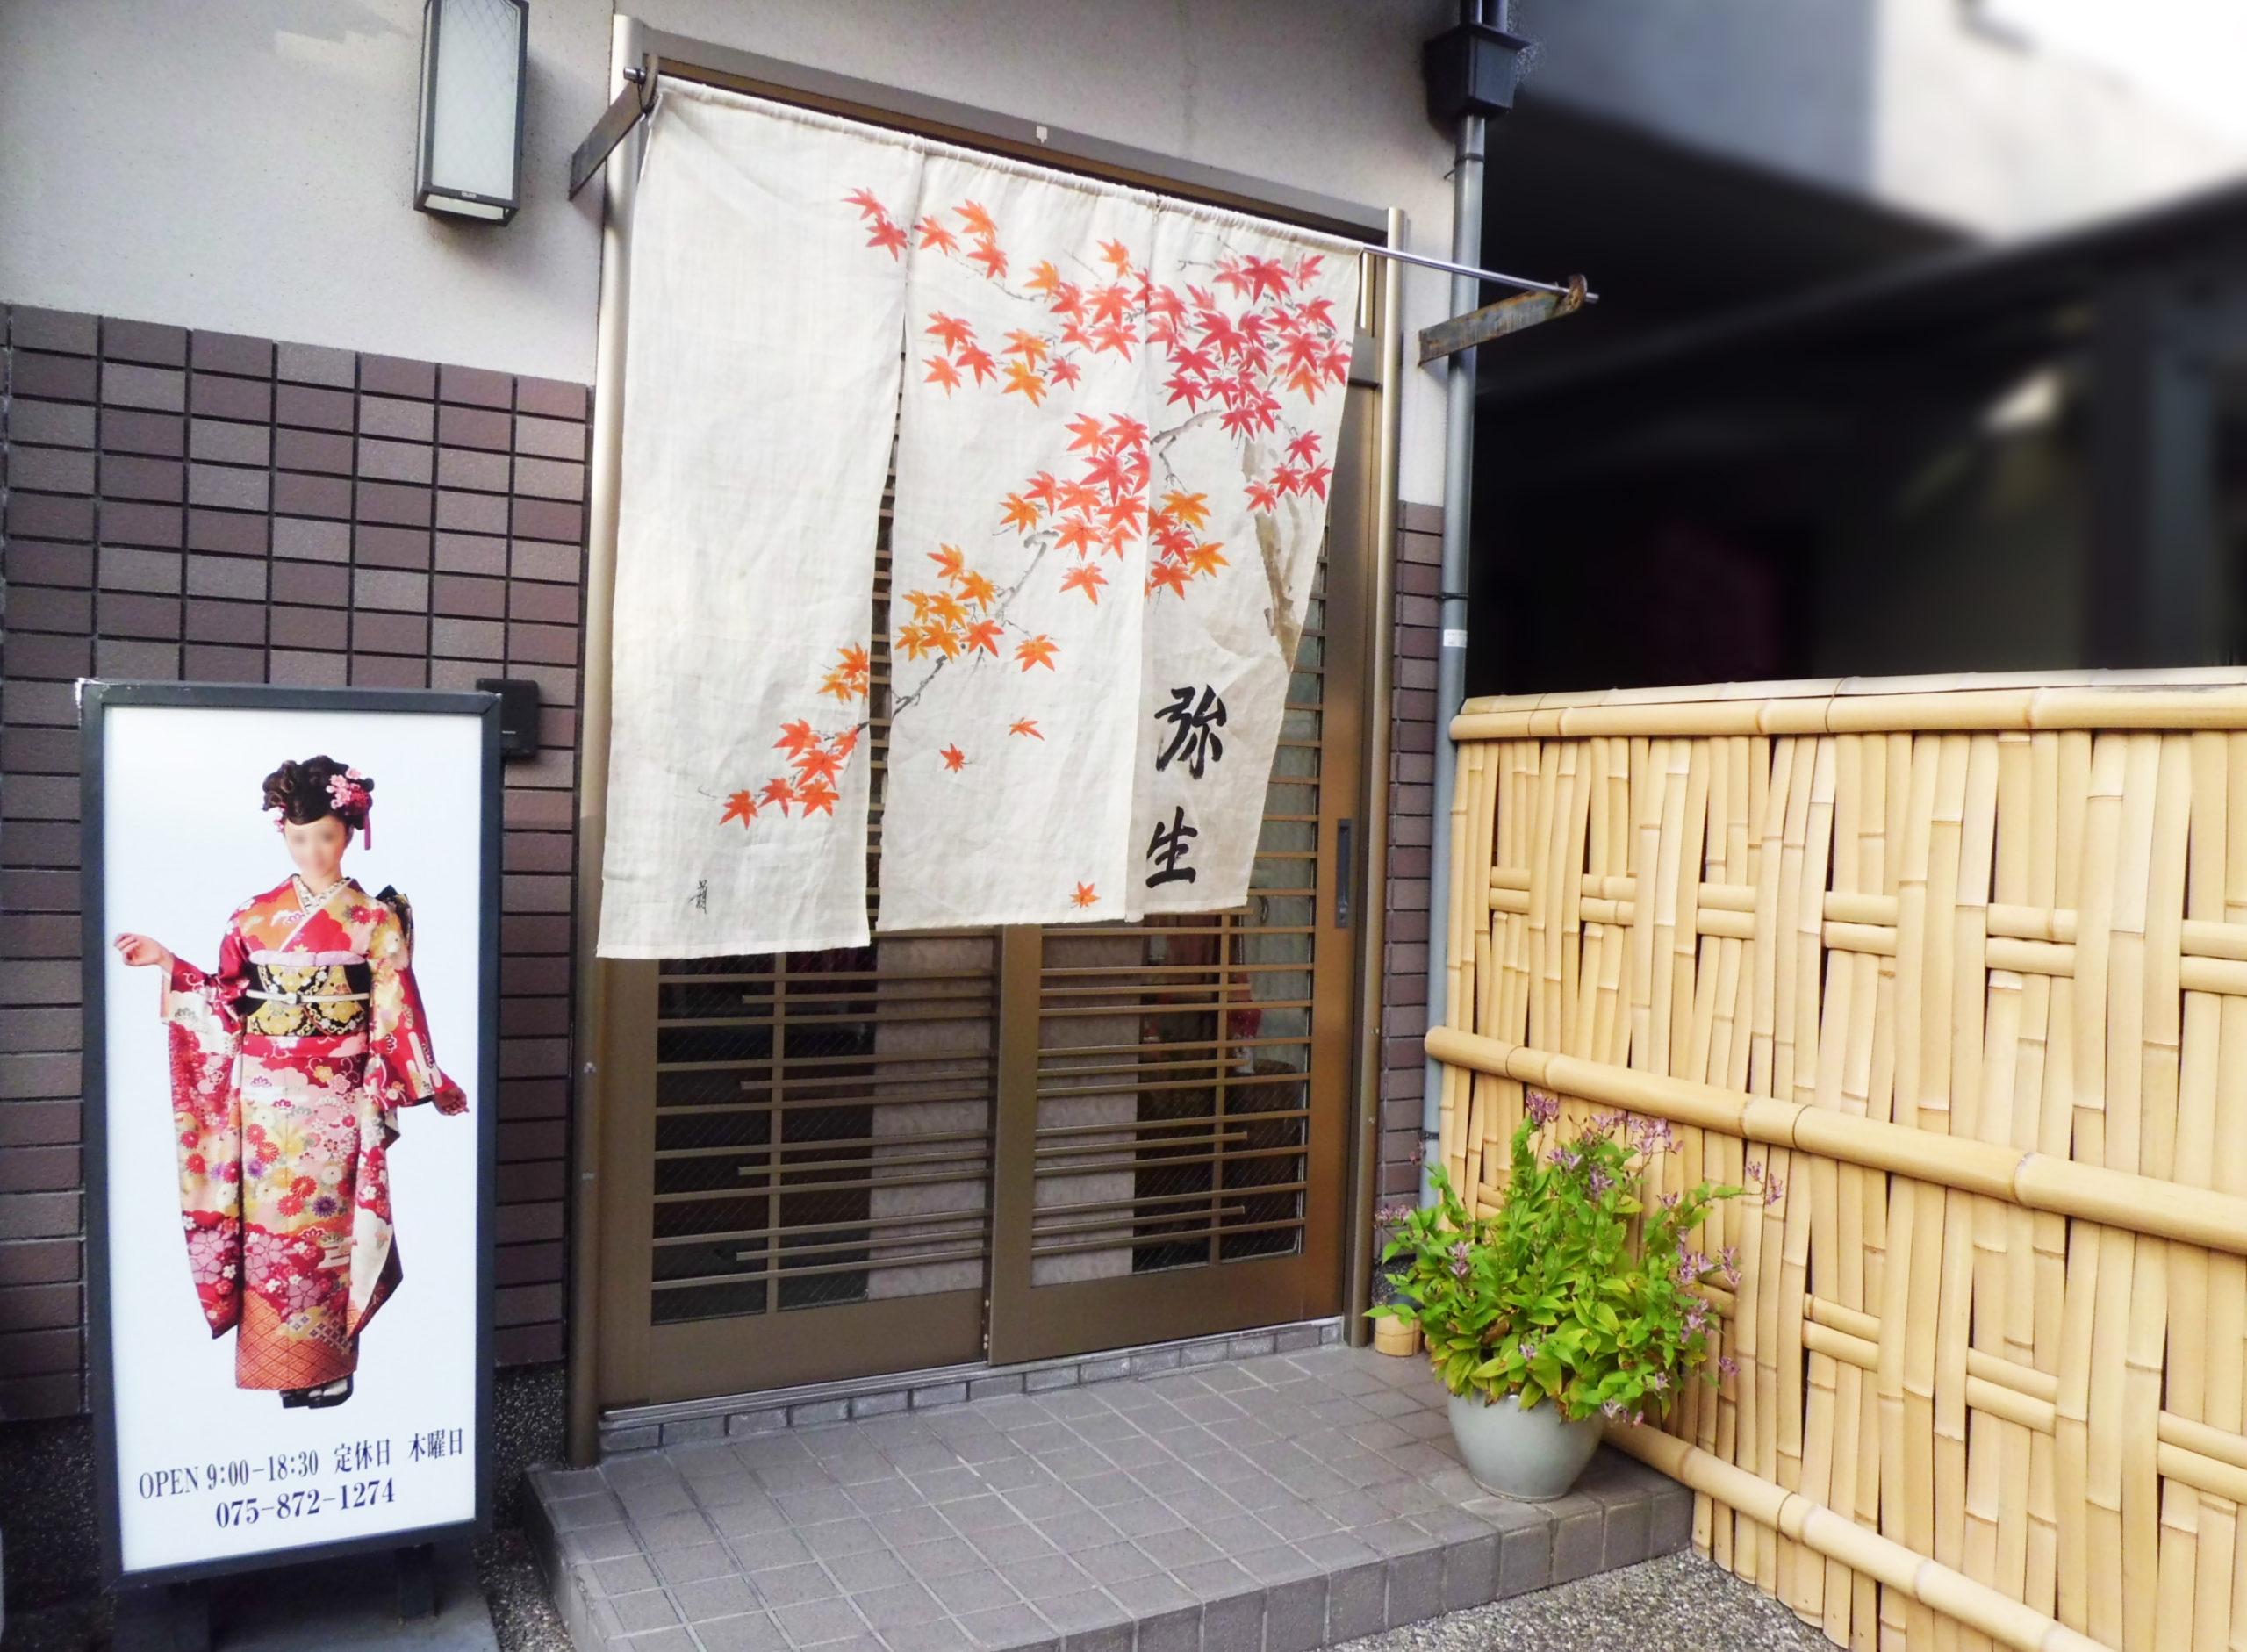 京都着物レンタル弥生へようこそお越しくださいました。